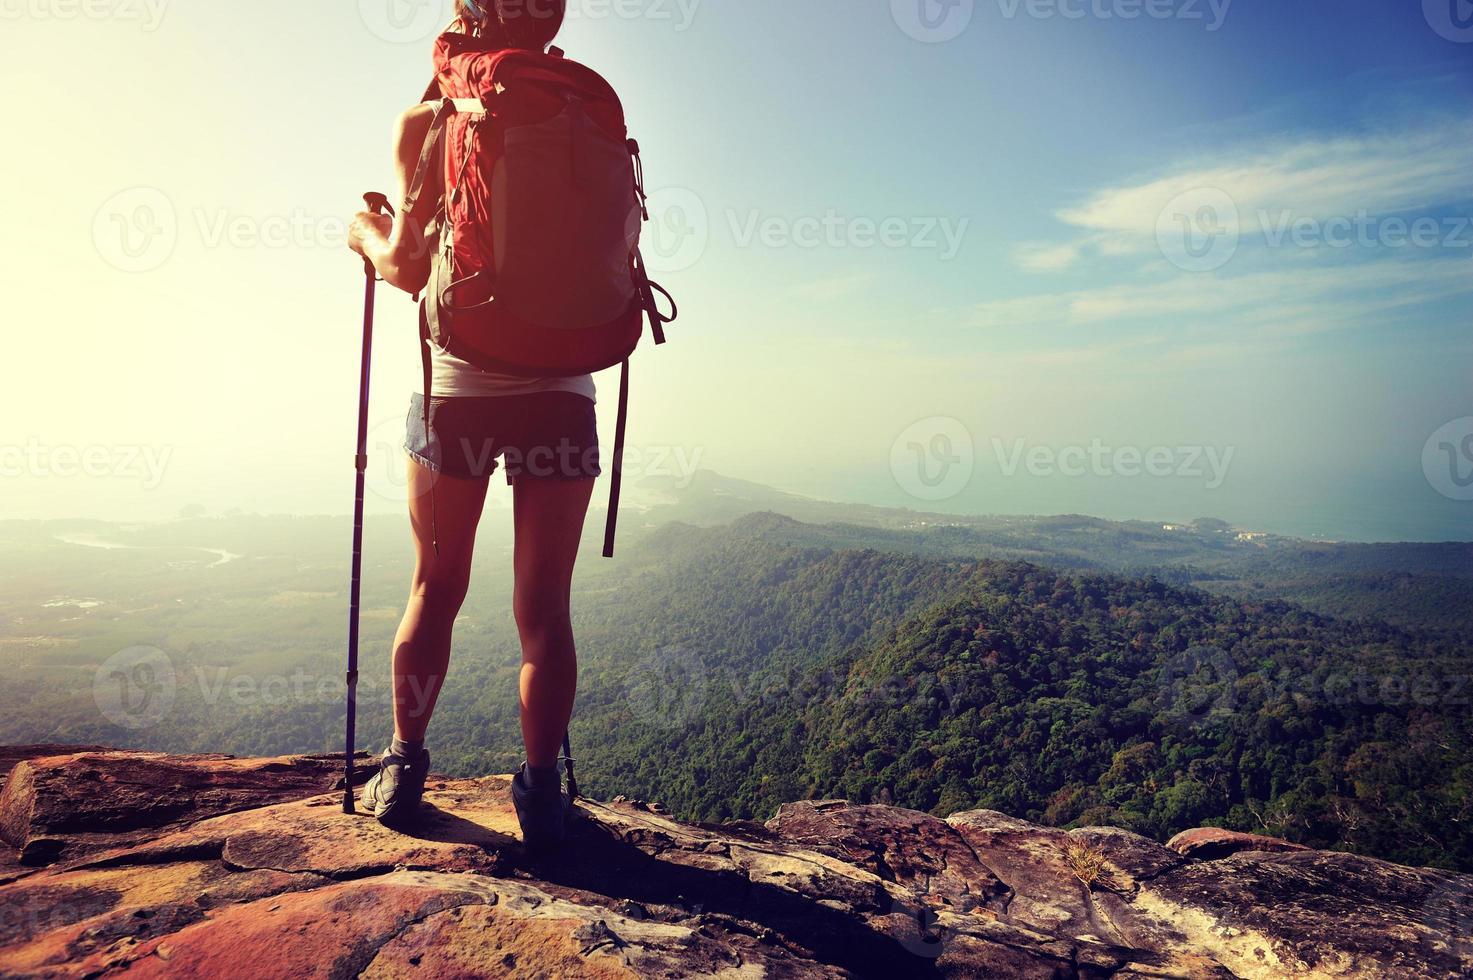 alpinista de mulher apreciar a vista no penhasco de pico de montanha foto